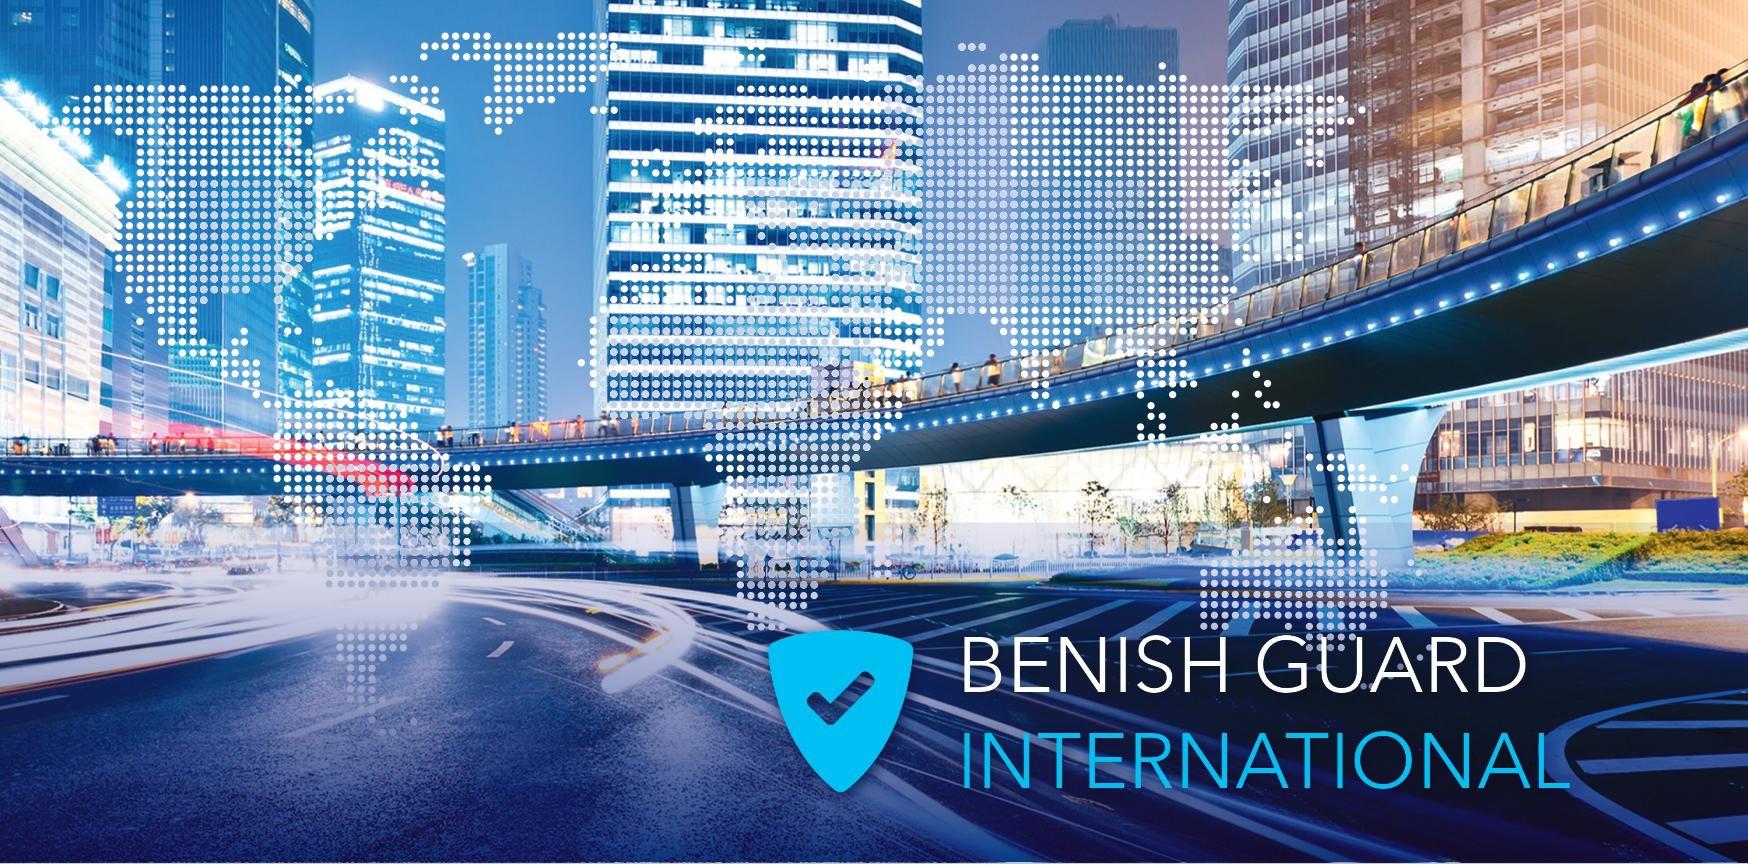 Світ відкритий і надійний із Benish GUARD International